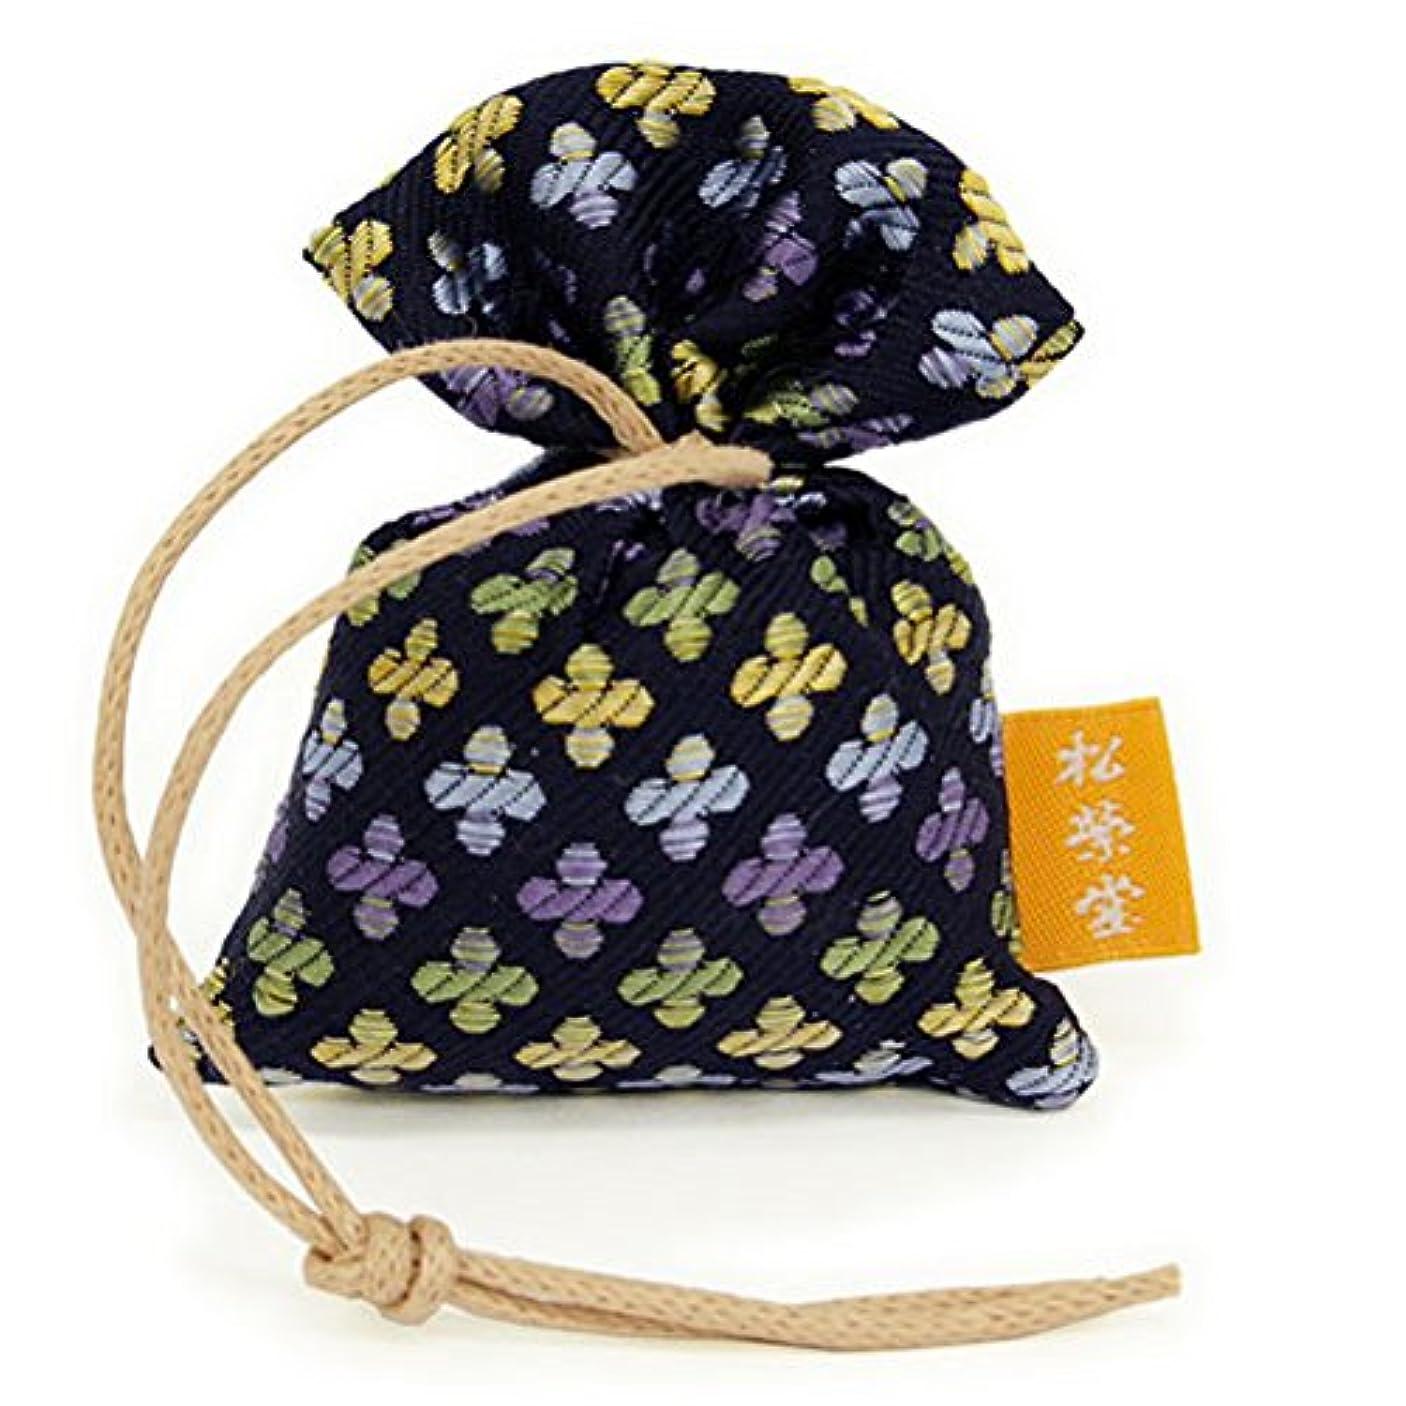 記念碑おとうさんグリーンバック匂い袋 誰が袖 薫 かおる 1個入 松栄堂 Shoyeido 本体長さ60mm (色?柄は選べません)